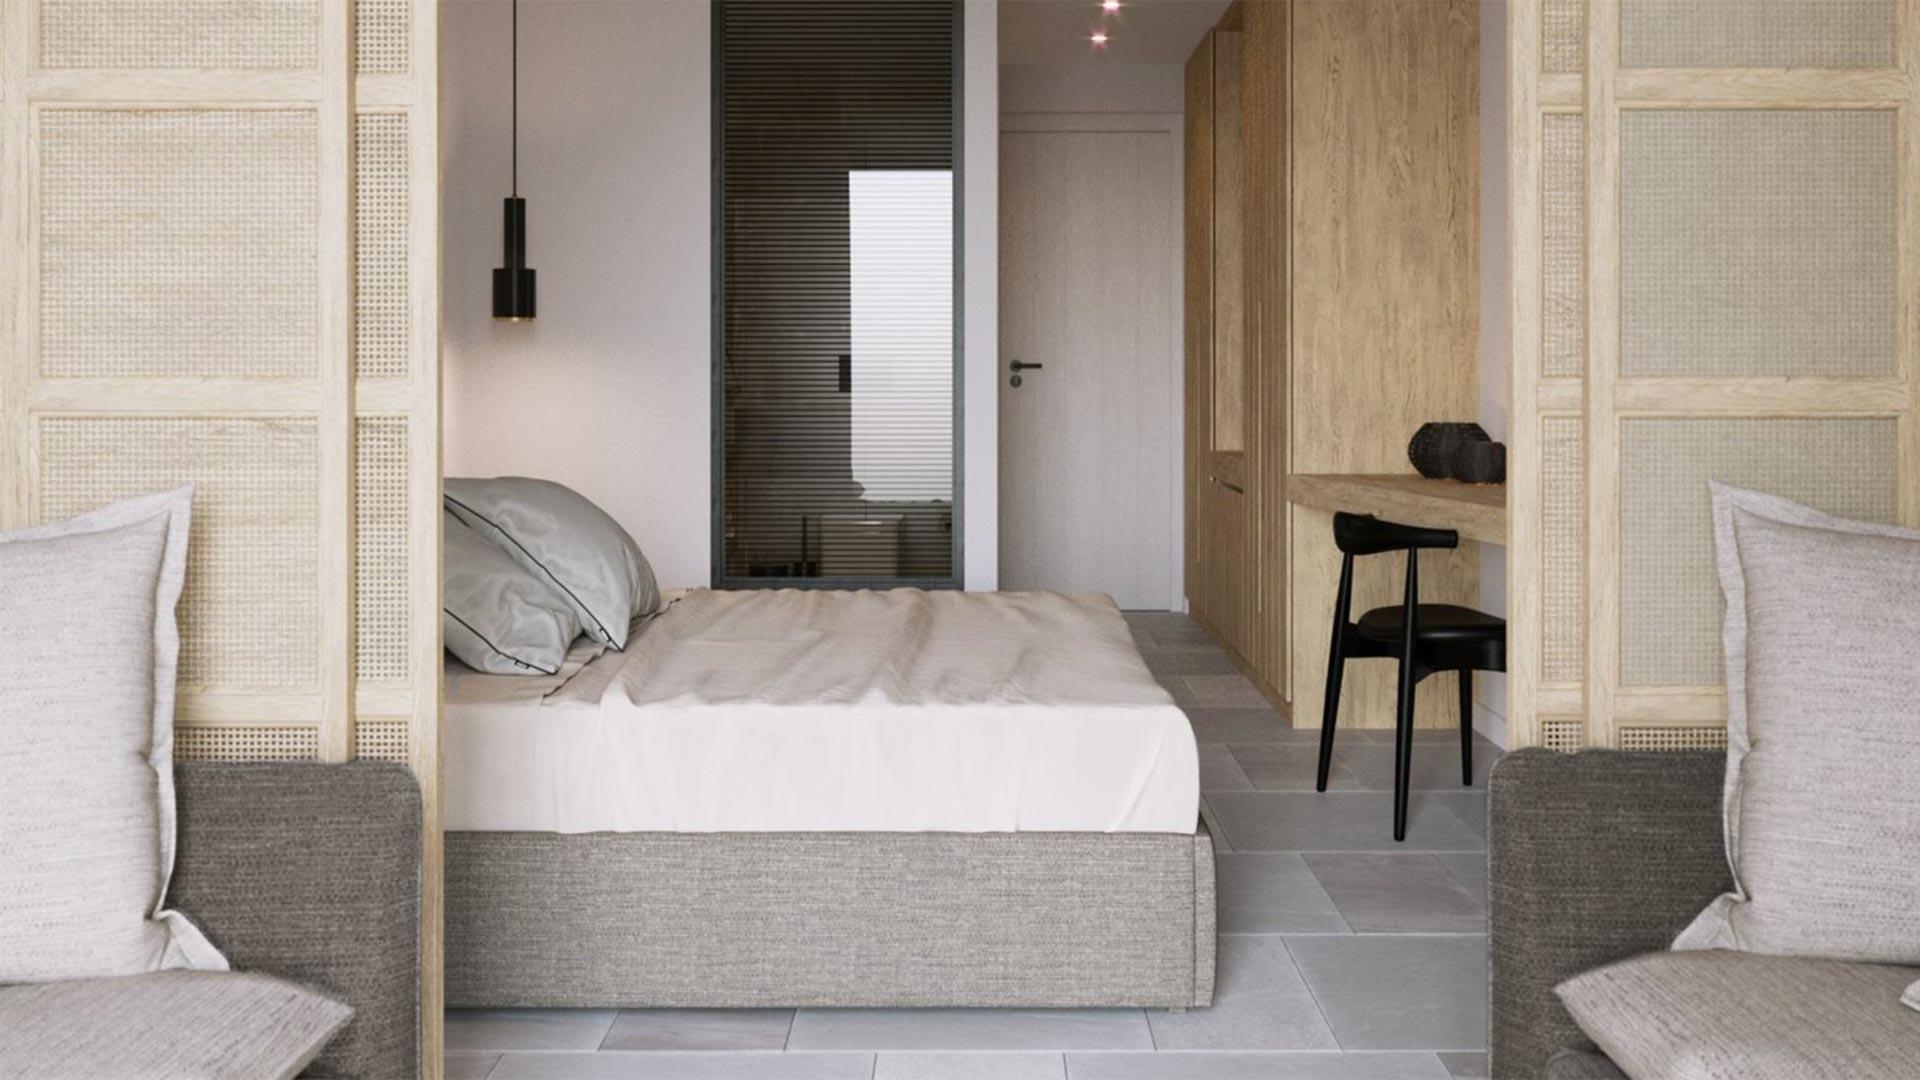 5* New Aqua Hotel - Ζάκυνθος Τσιλιβί εικόνα